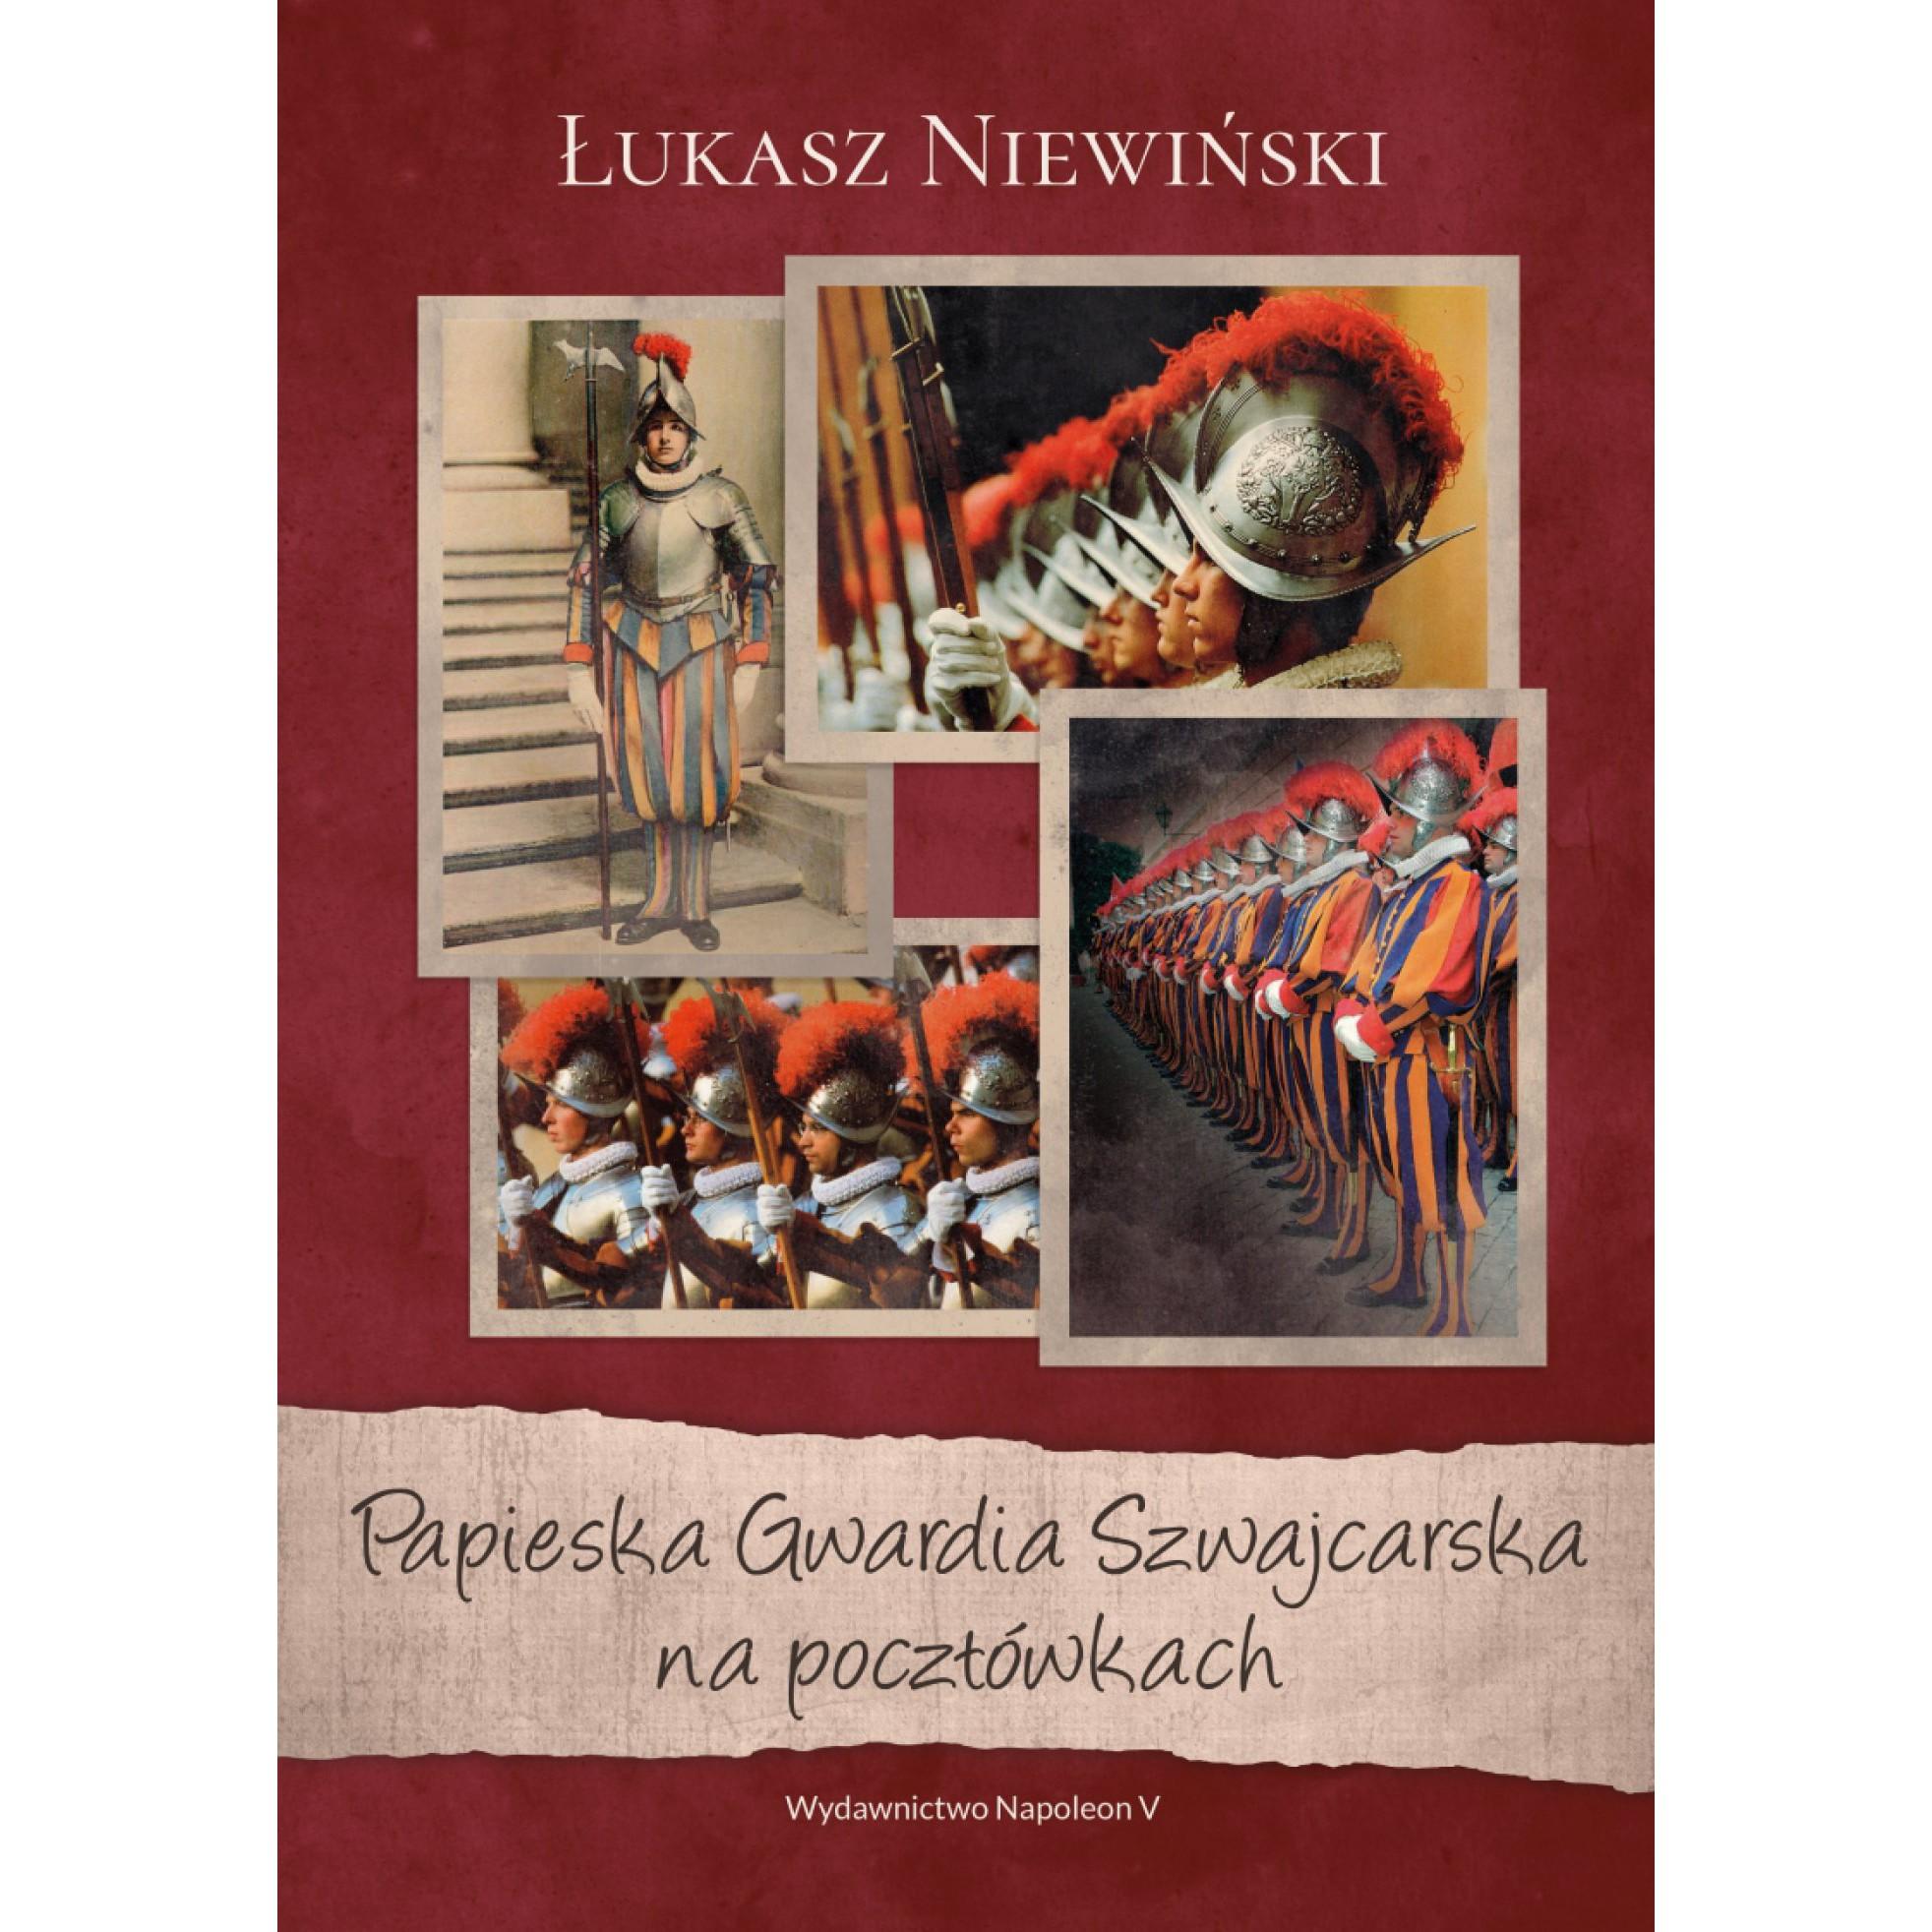 Papieska Gwardia Szwajcarska na pocztówkach